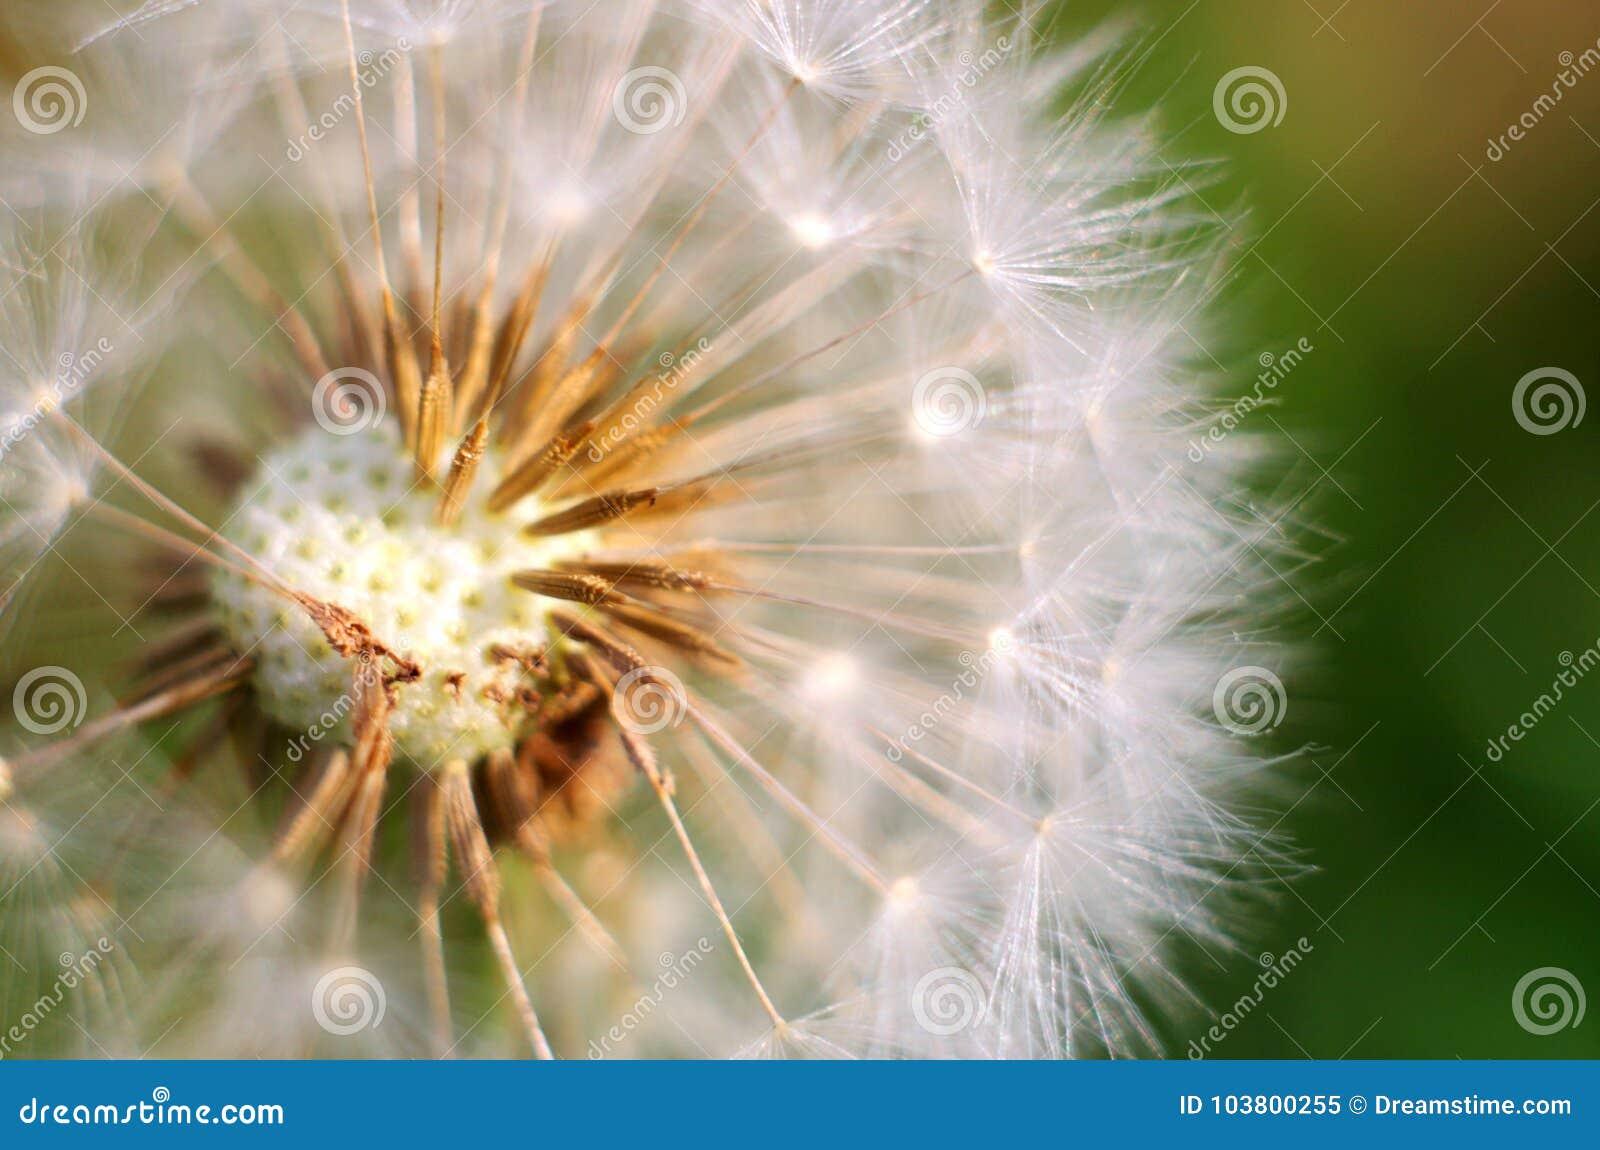 Абстрактная предпосылка цветка одуванчика, крупный план с мягким фокусом